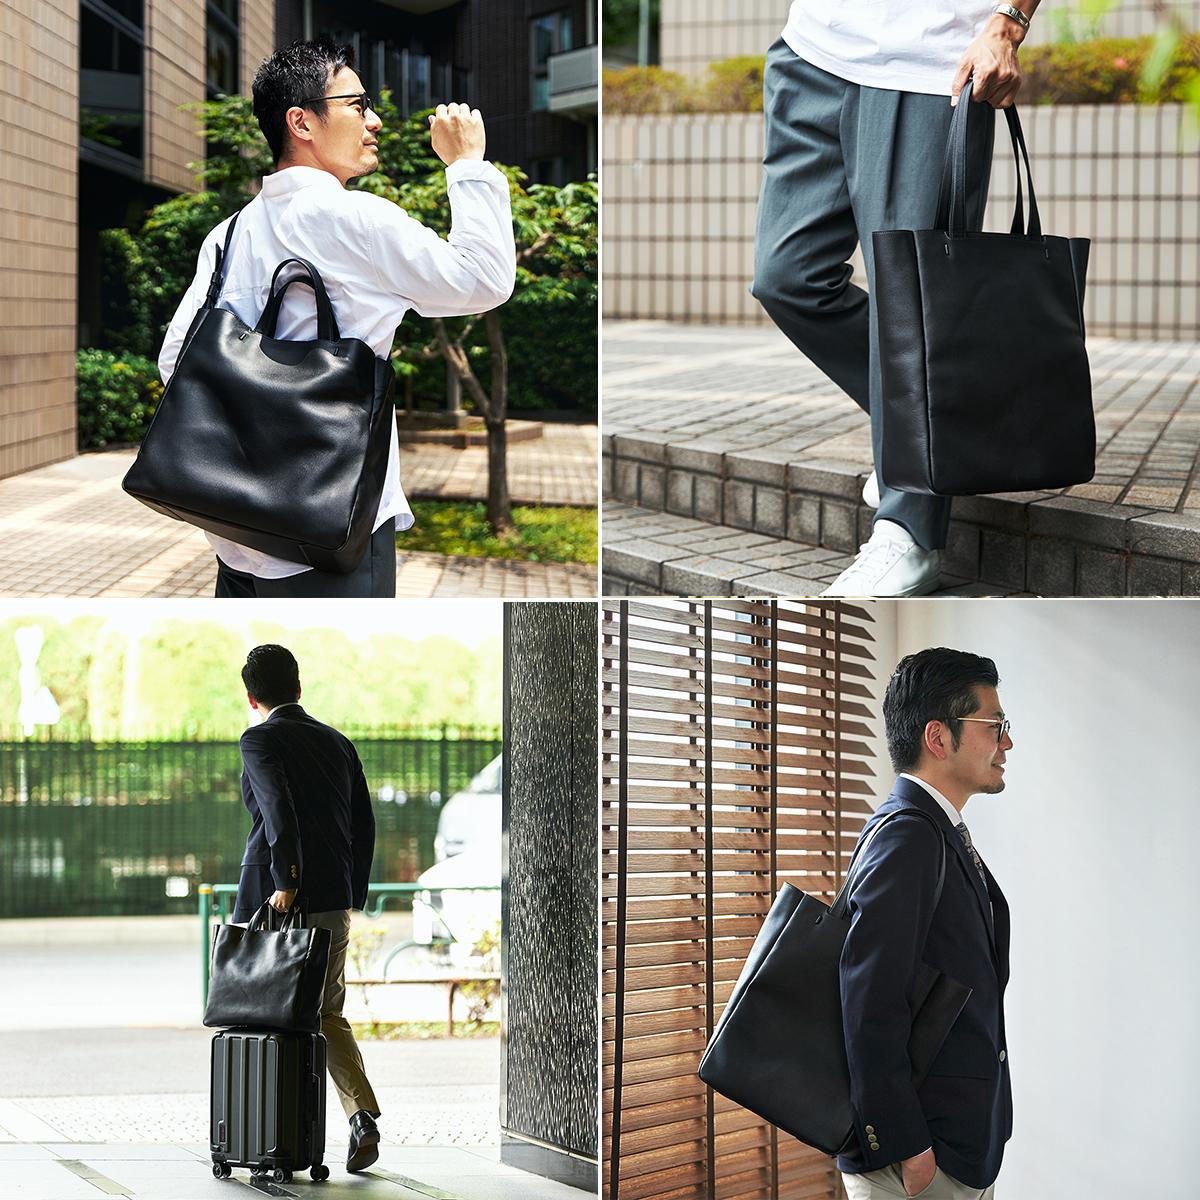 どんなファッションにもあう大人のデザイン|防水レザー、超軽量、直感ポケット付きの日本製レザーバッグ|PCバッグ・トートバッグ・リュック・バックパック|FARO(ファーロ)